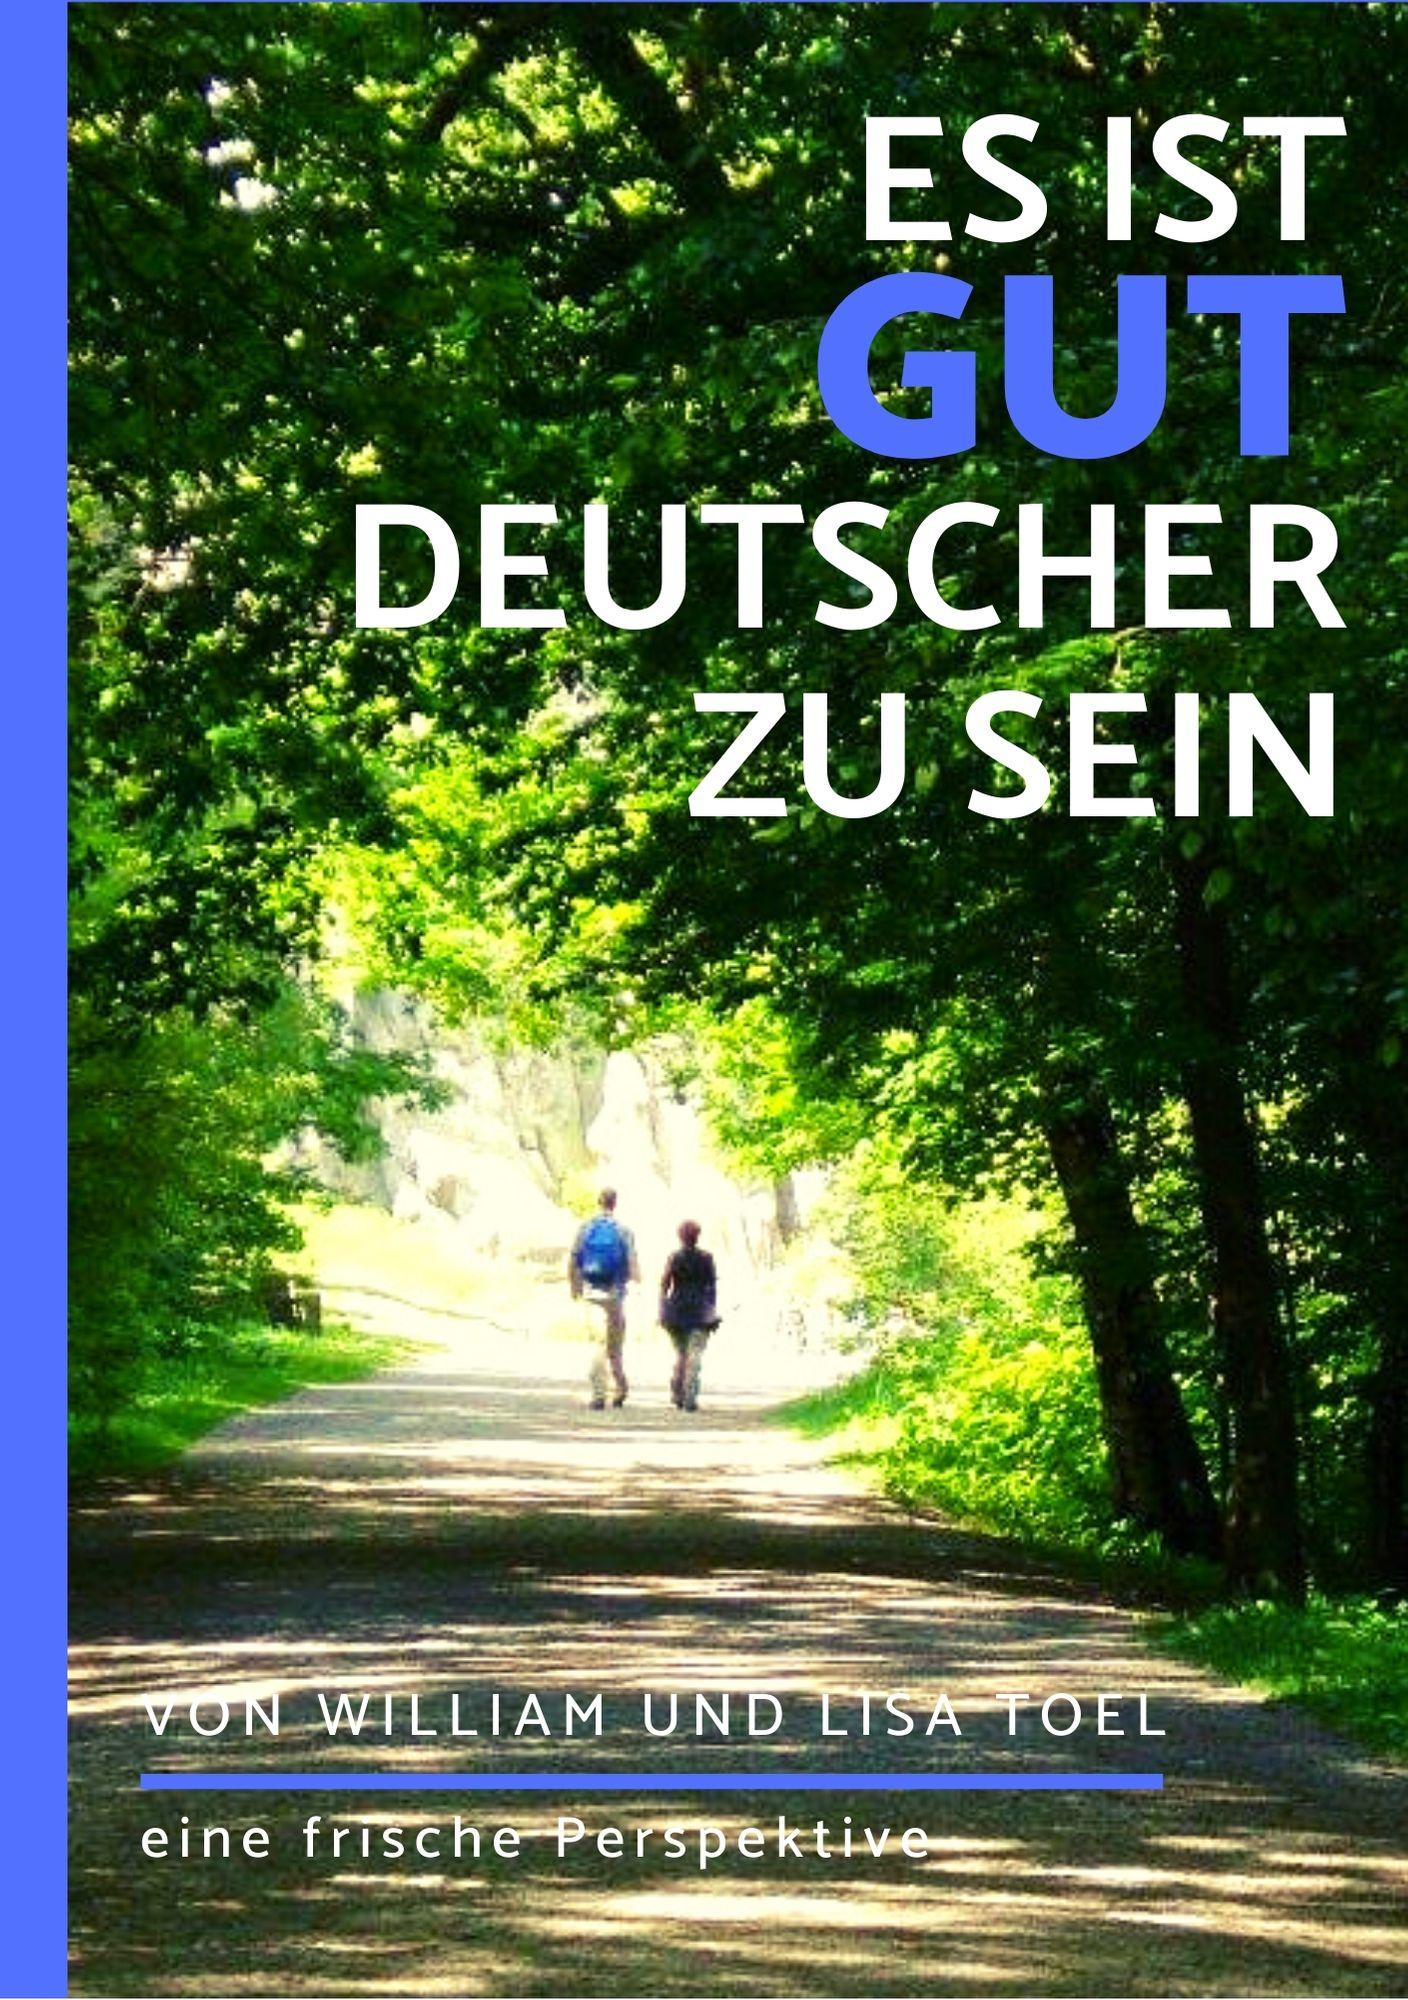 Es ist gut ein Deutscher zu sein - Broschüre von Prof William Toel - Soulfit Factory e.V.